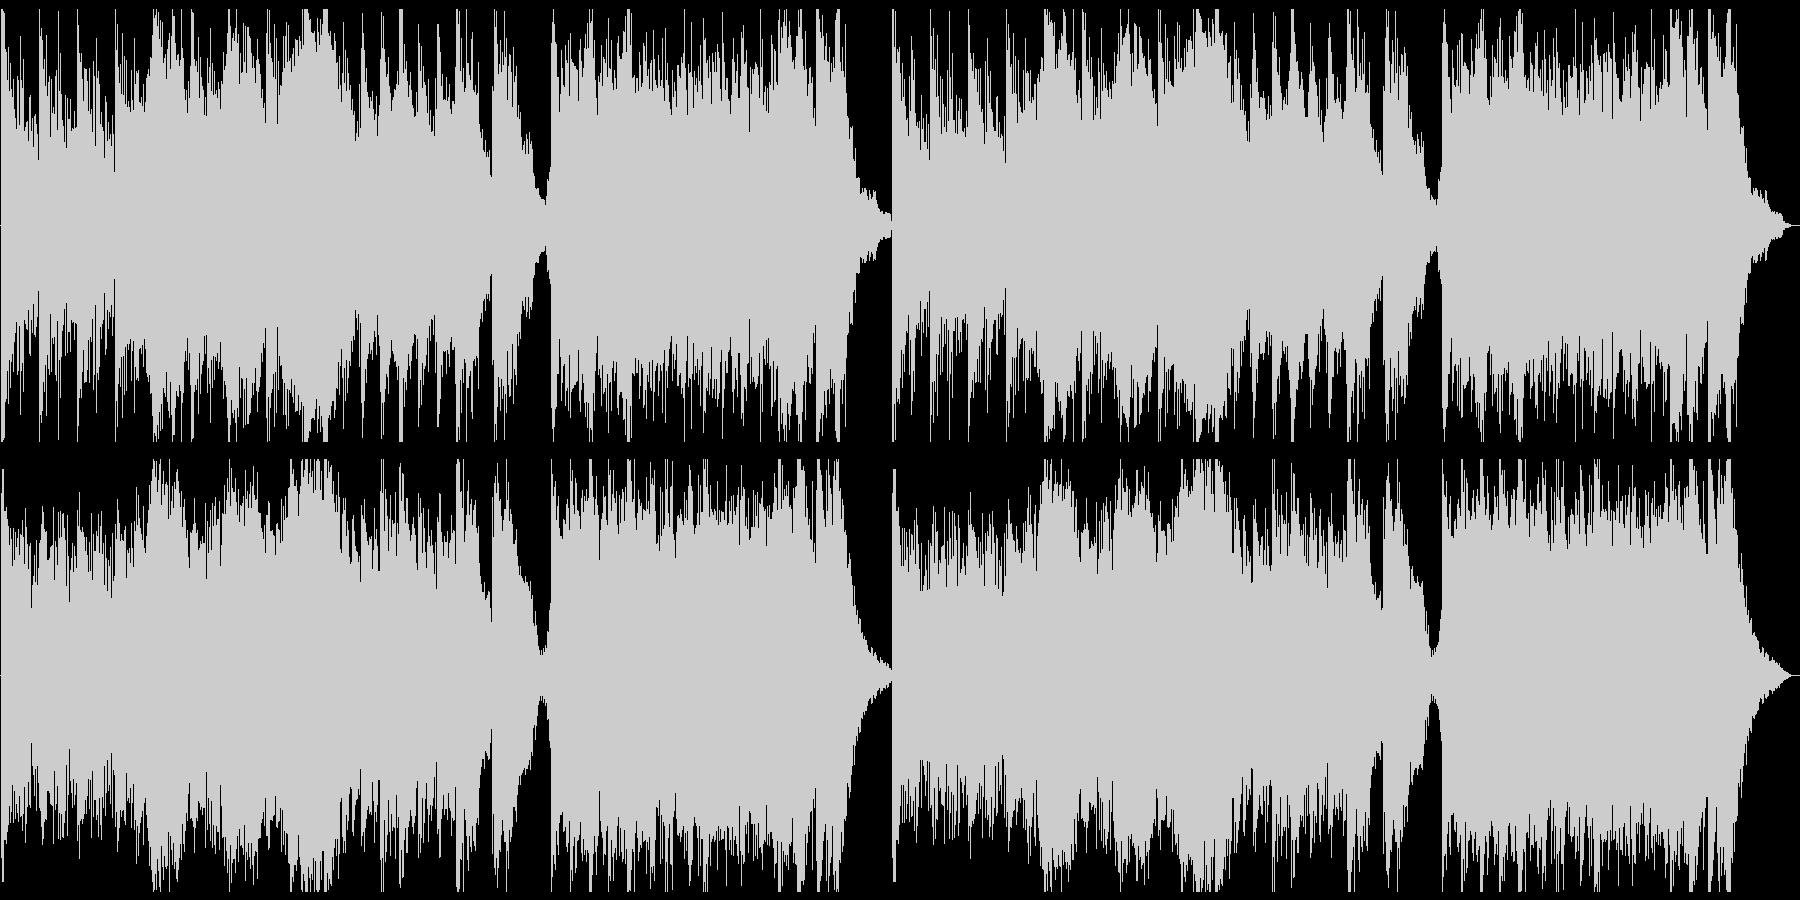 ピアノ&ホラーアンビエントの未再生の波形